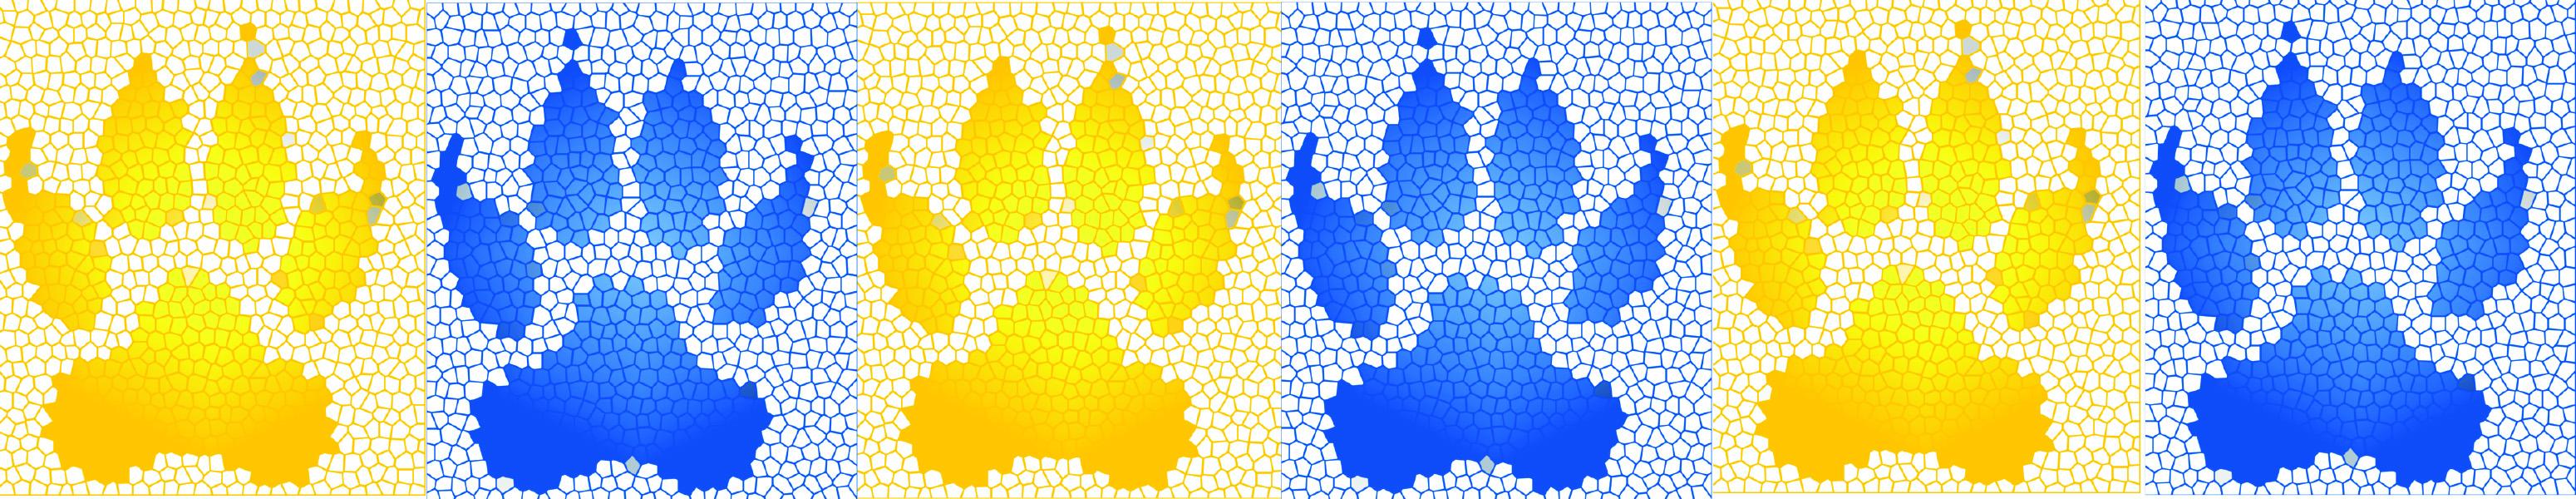 Mosaic paw prints